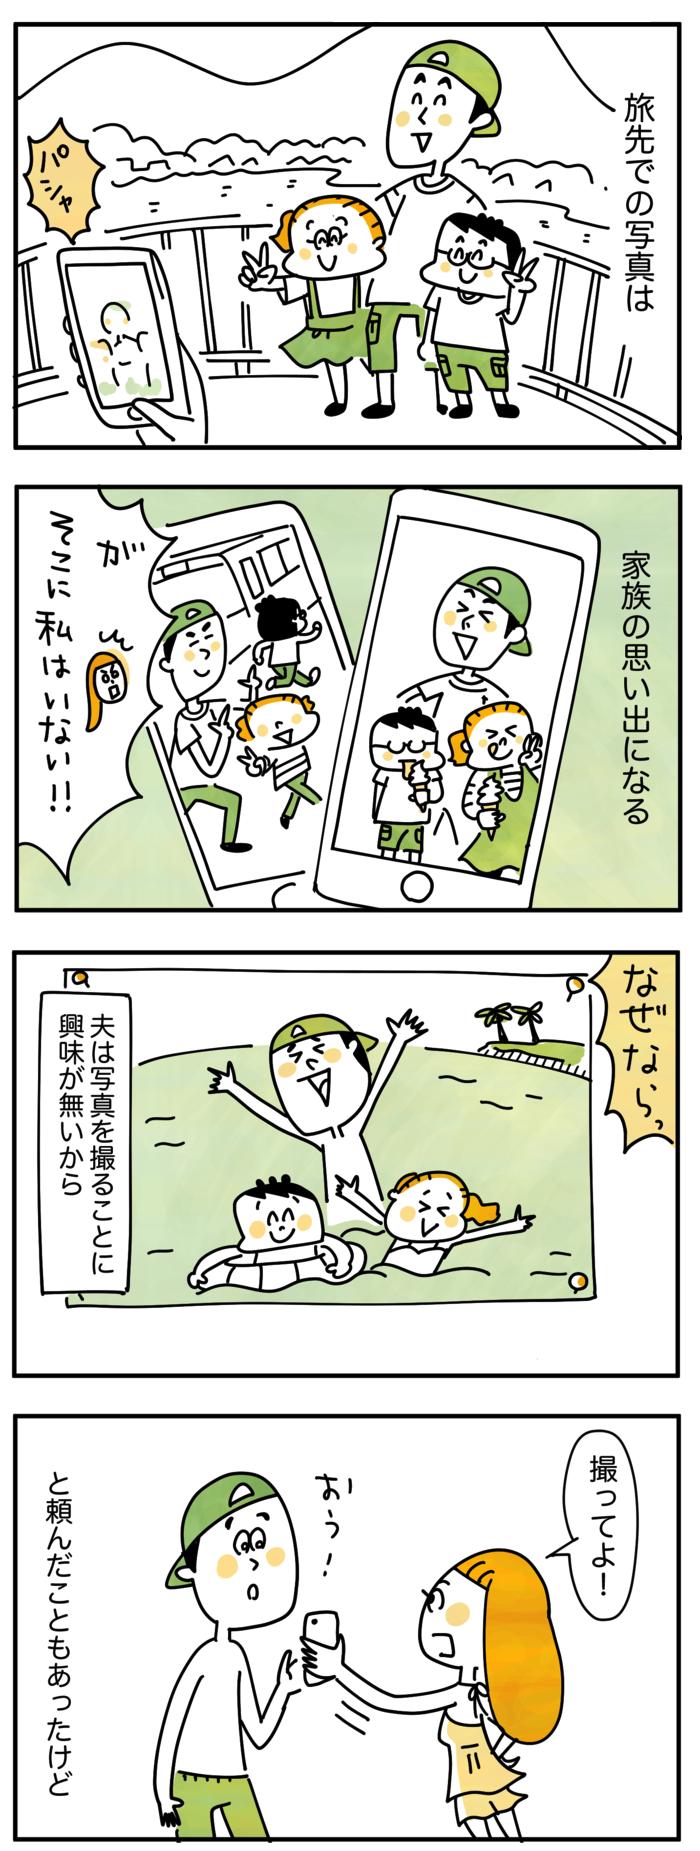 みんなどうしてる!?家族旅行の写真に「私」が写っていないワケの画像1